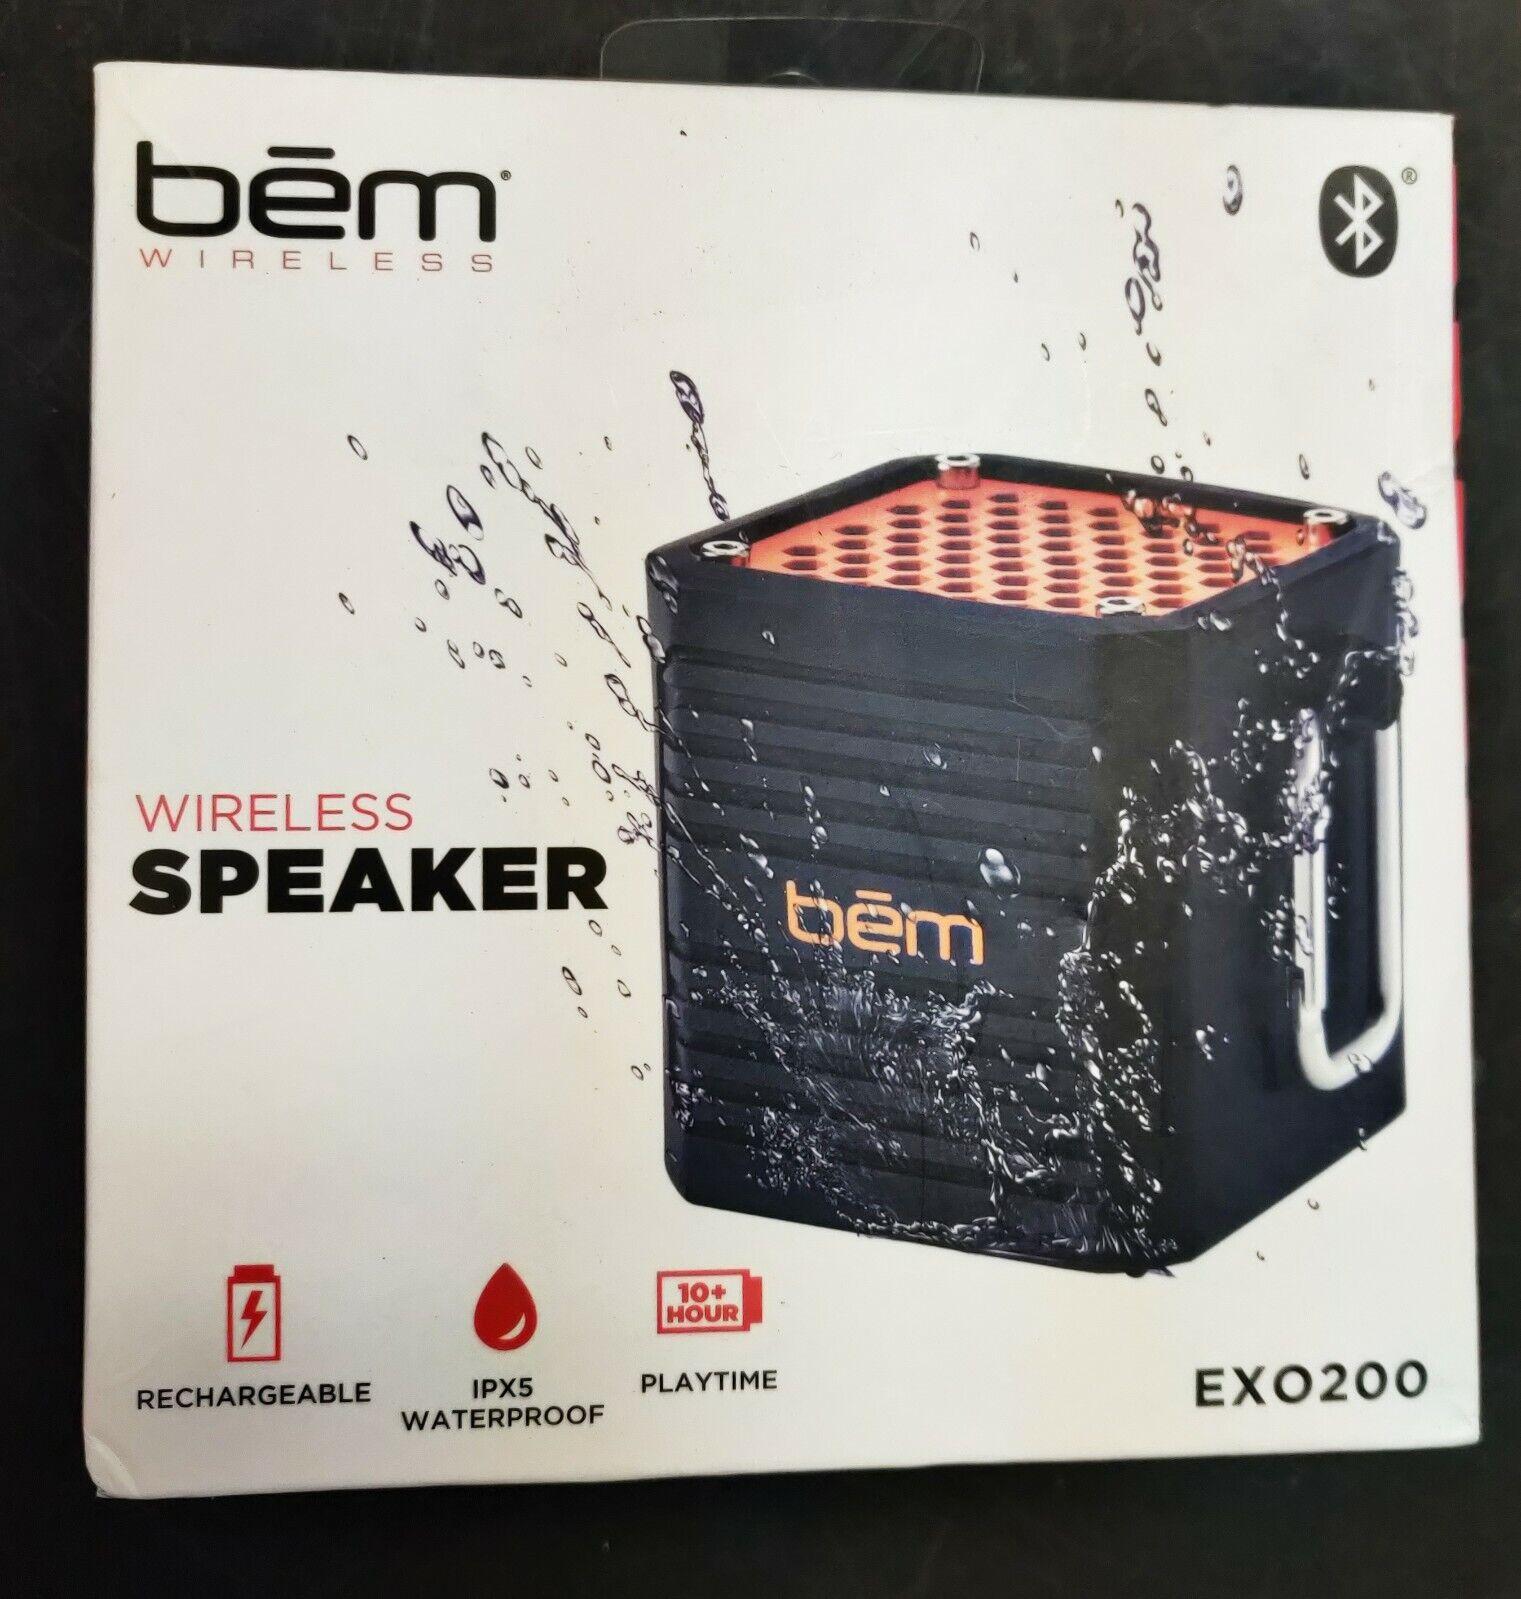 wireless speaker exo200 waterproof ipx5